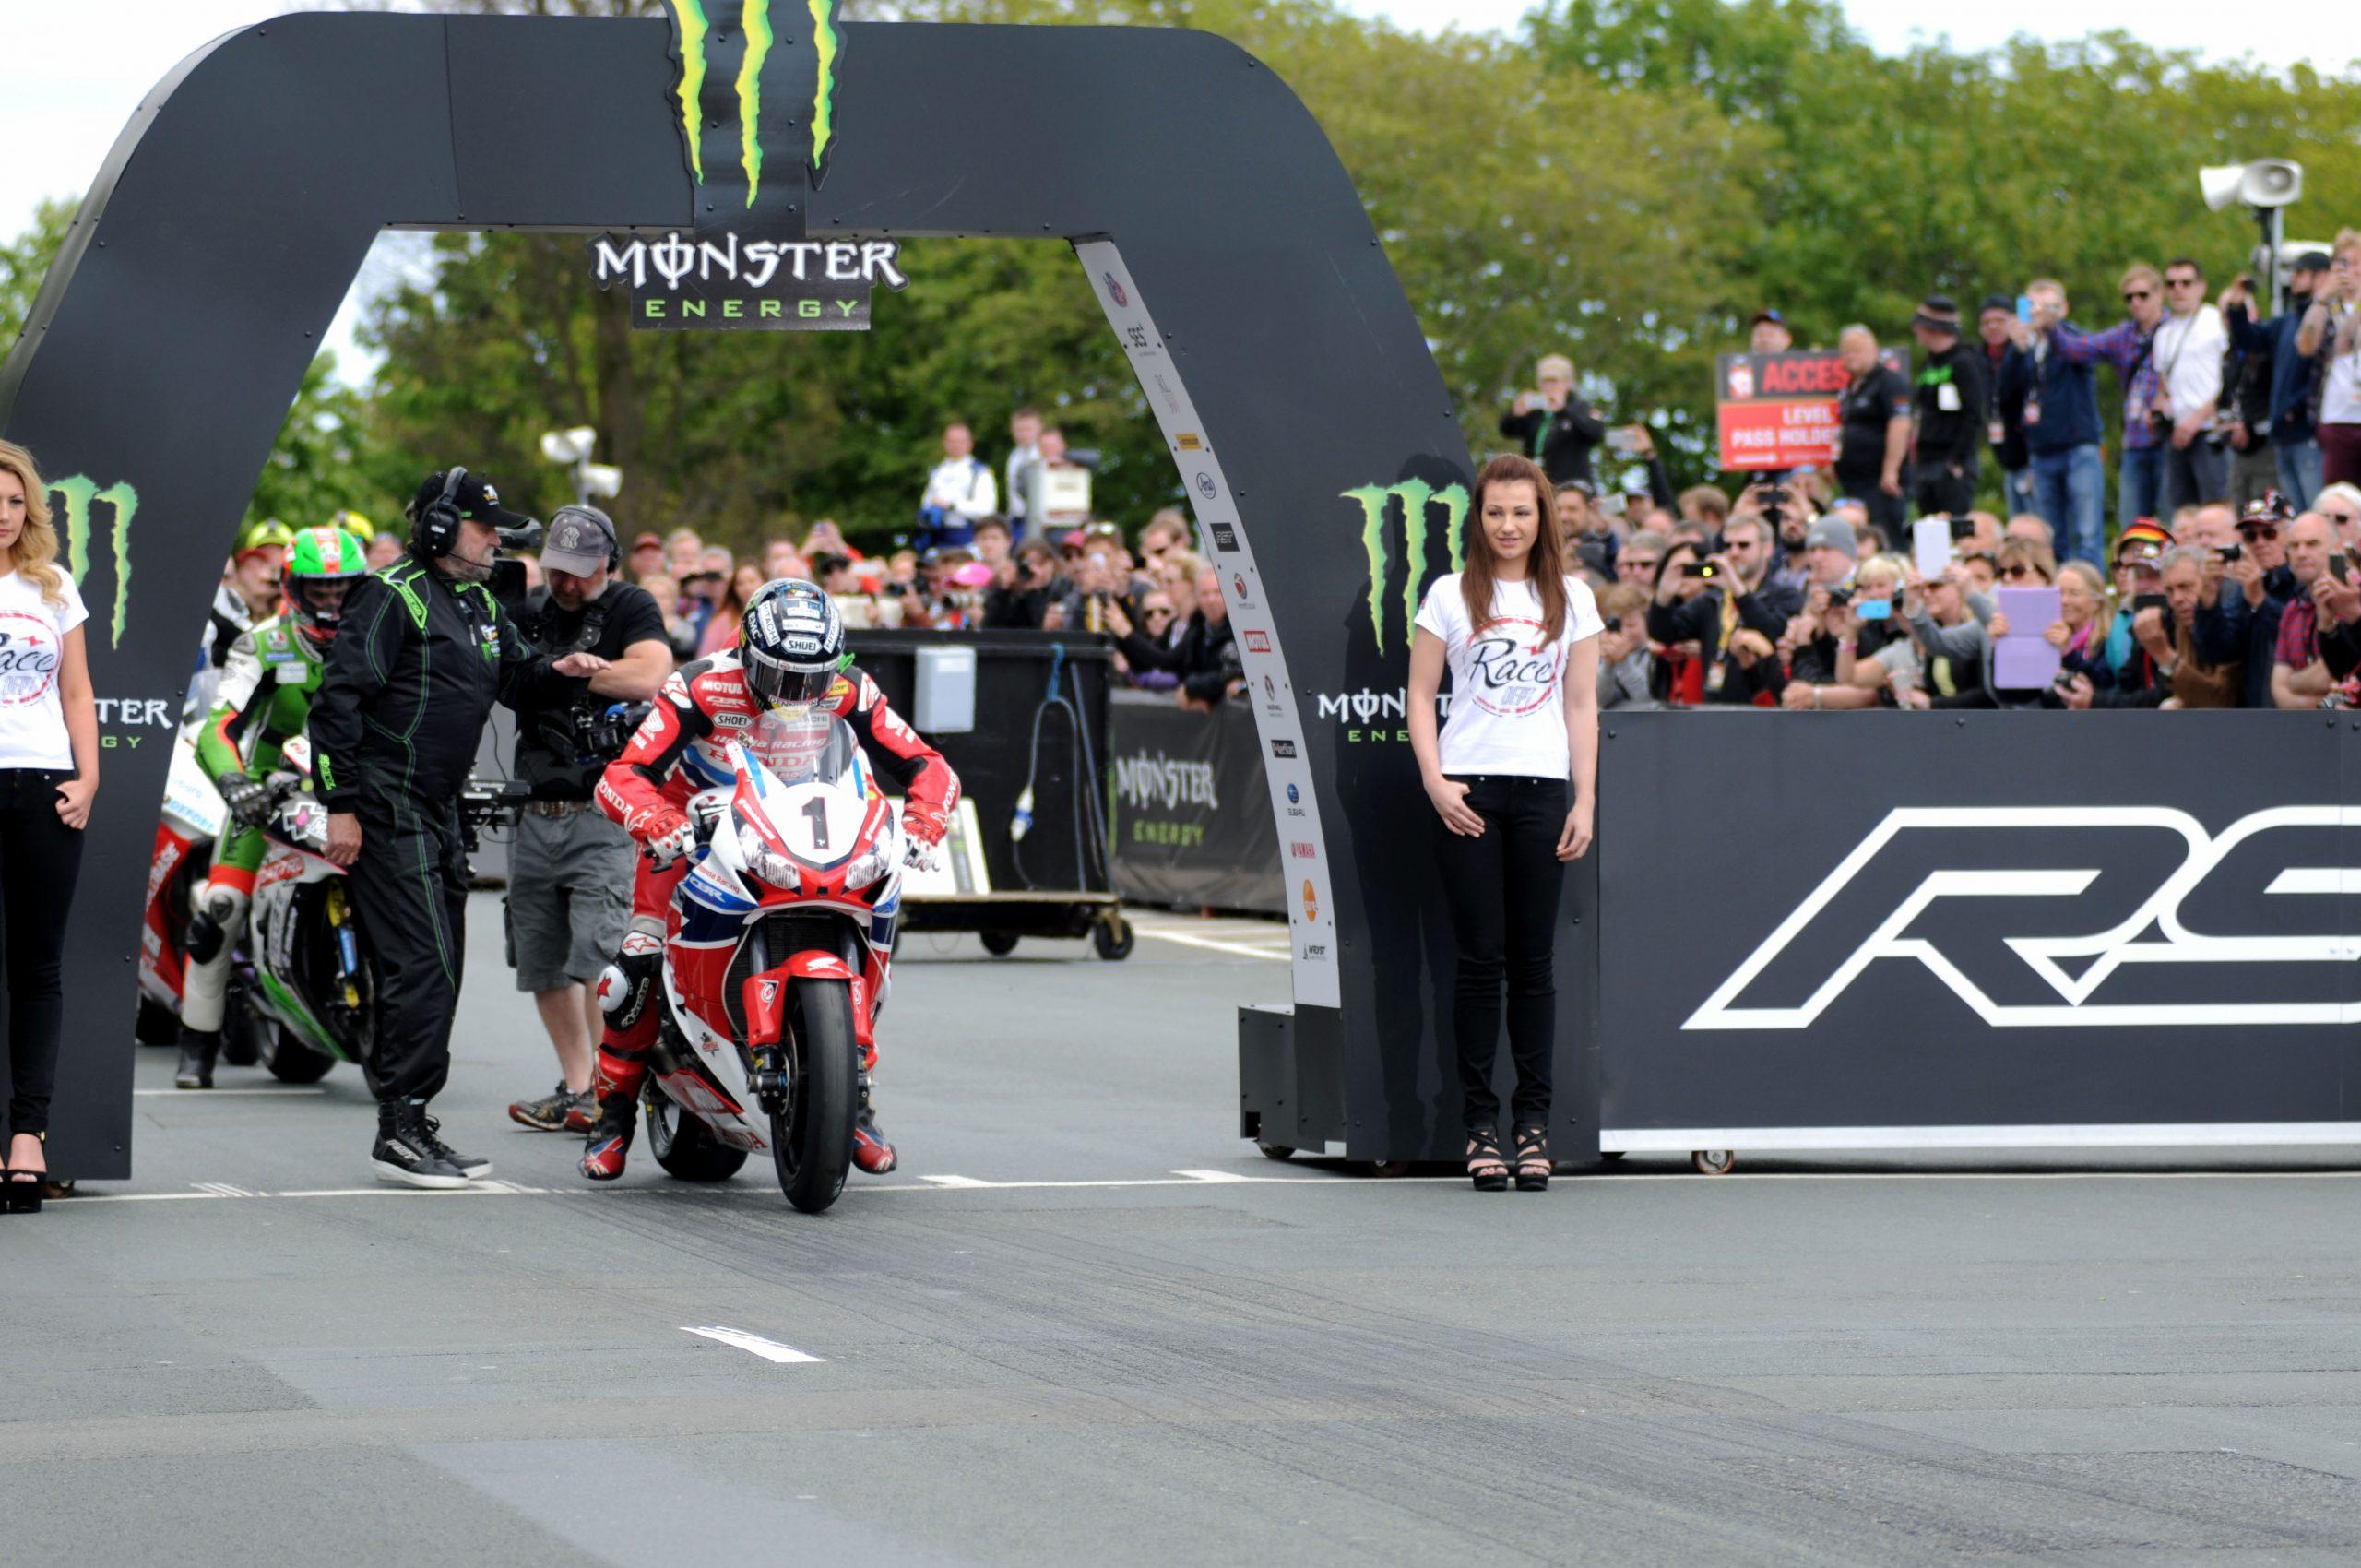 John McGuiness TT start line